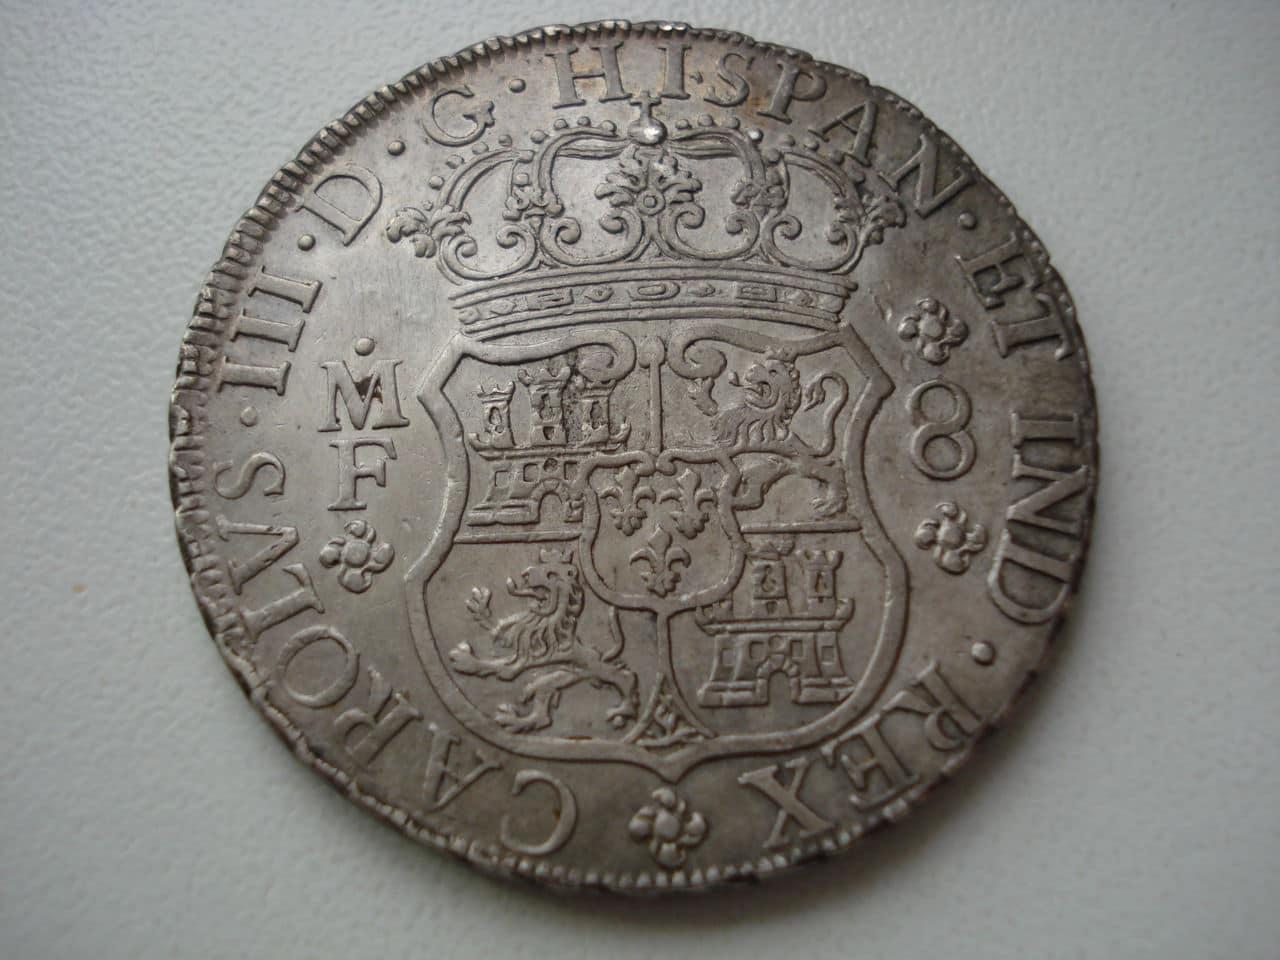 8 reales tipo columnario de Carlos III, Méjico. 1767. Monadas2_008